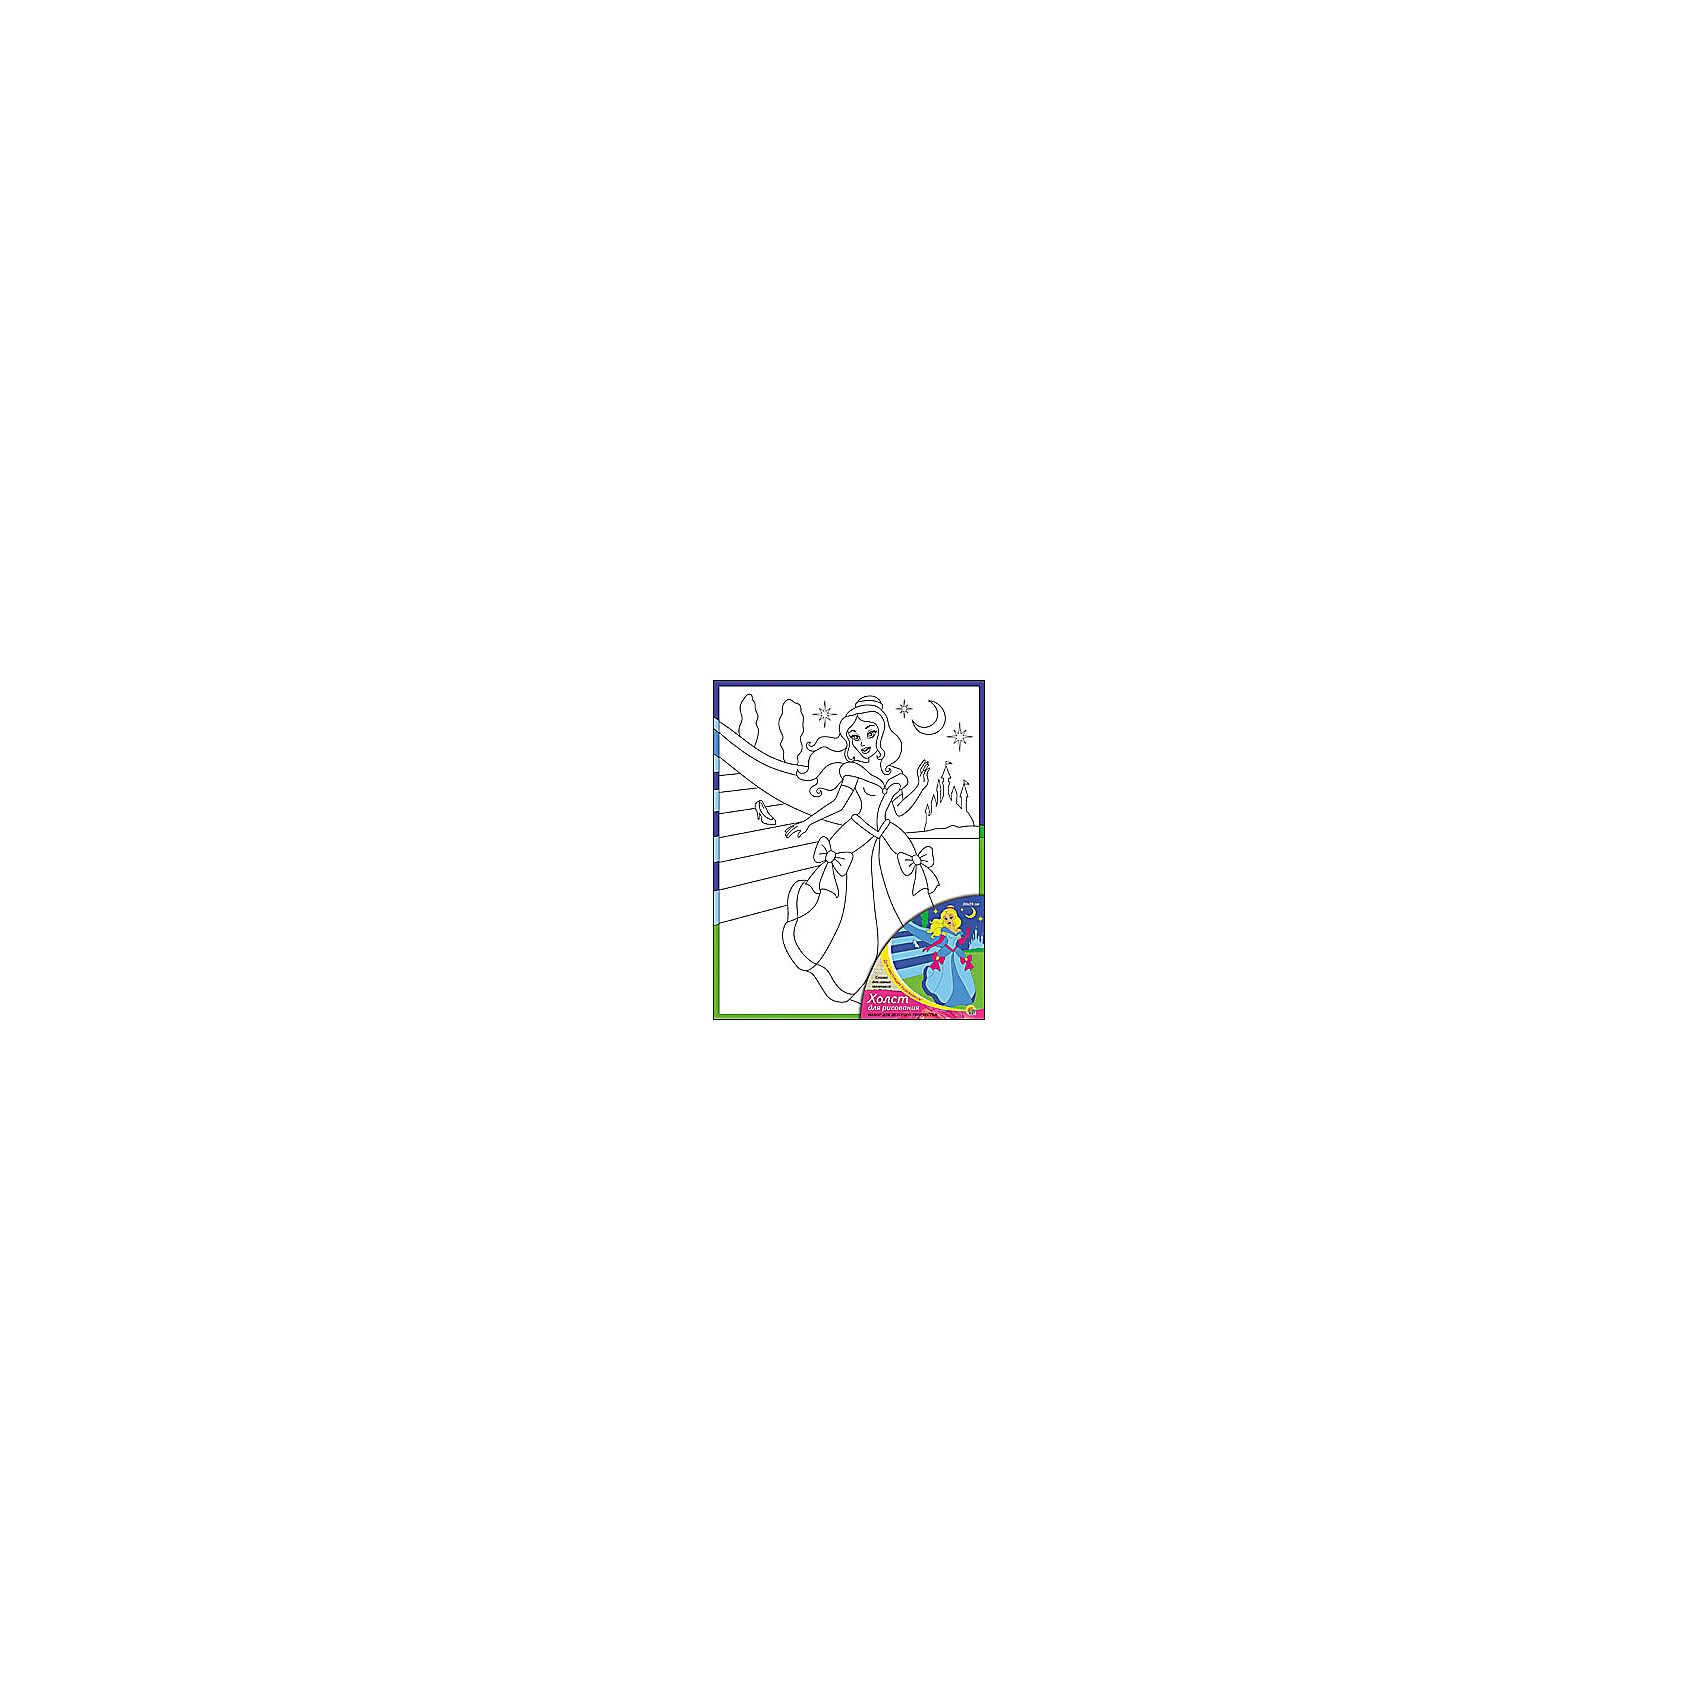 Холст с красками Сказка для самых маленьких, 20х25 смХолст с красками Сказка для самых маленьких - прекрасный подарок детям, которые любят рисовать. В наборе вы найдете всё, что нужно для детского творчества: холст с эскизом, яркие краски и кисточка. Готовую картинку можно подарить друзьям или украсить свою комнату!<br><br>Дополнительная информация:<br>В наборе: холст-эскиз, 7 акриловых красок, кисточка<br>Размер: 20х1,5х25 см<br>Вес: 210 грамм<br>Холст с красками Сказка для самых маленьких можно купить в нашем интернет-магазине.<br><br>Ширина мм: 250<br>Глубина мм: 15<br>Высота мм: 200<br>Вес г: 210<br>Возраст от месяцев: 36<br>Возраст до месяцев: 120<br>Пол: Унисекс<br>Возраст: Детский<br>SKU: 4939522